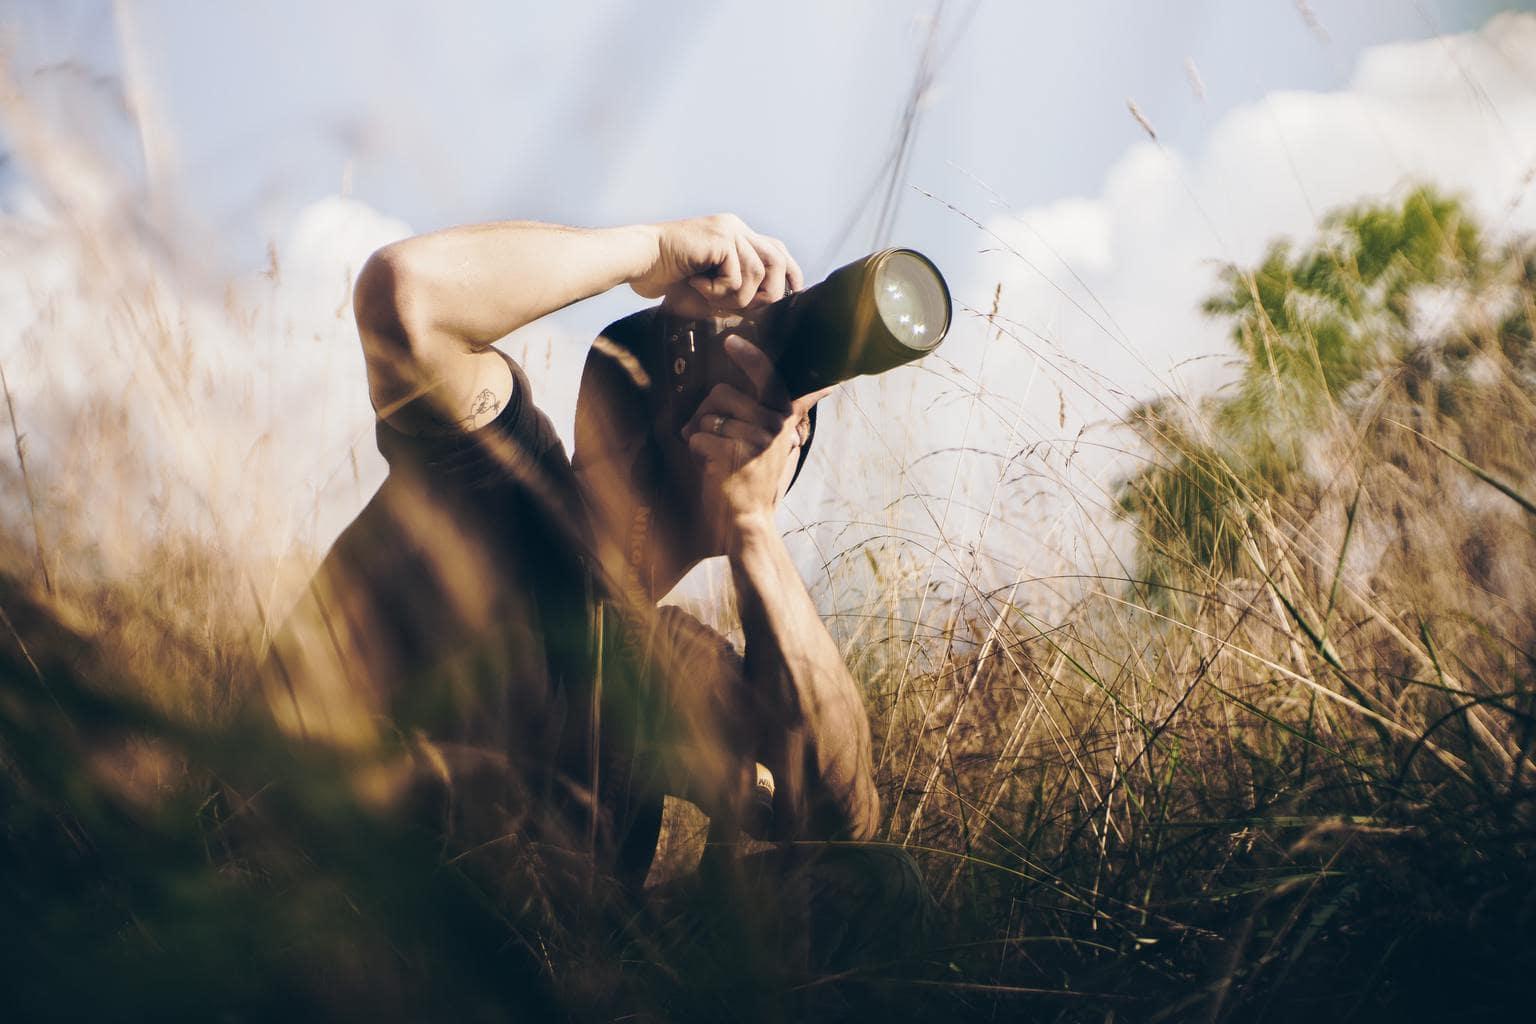 Fotógrafo con cámara fotografiando paisaje